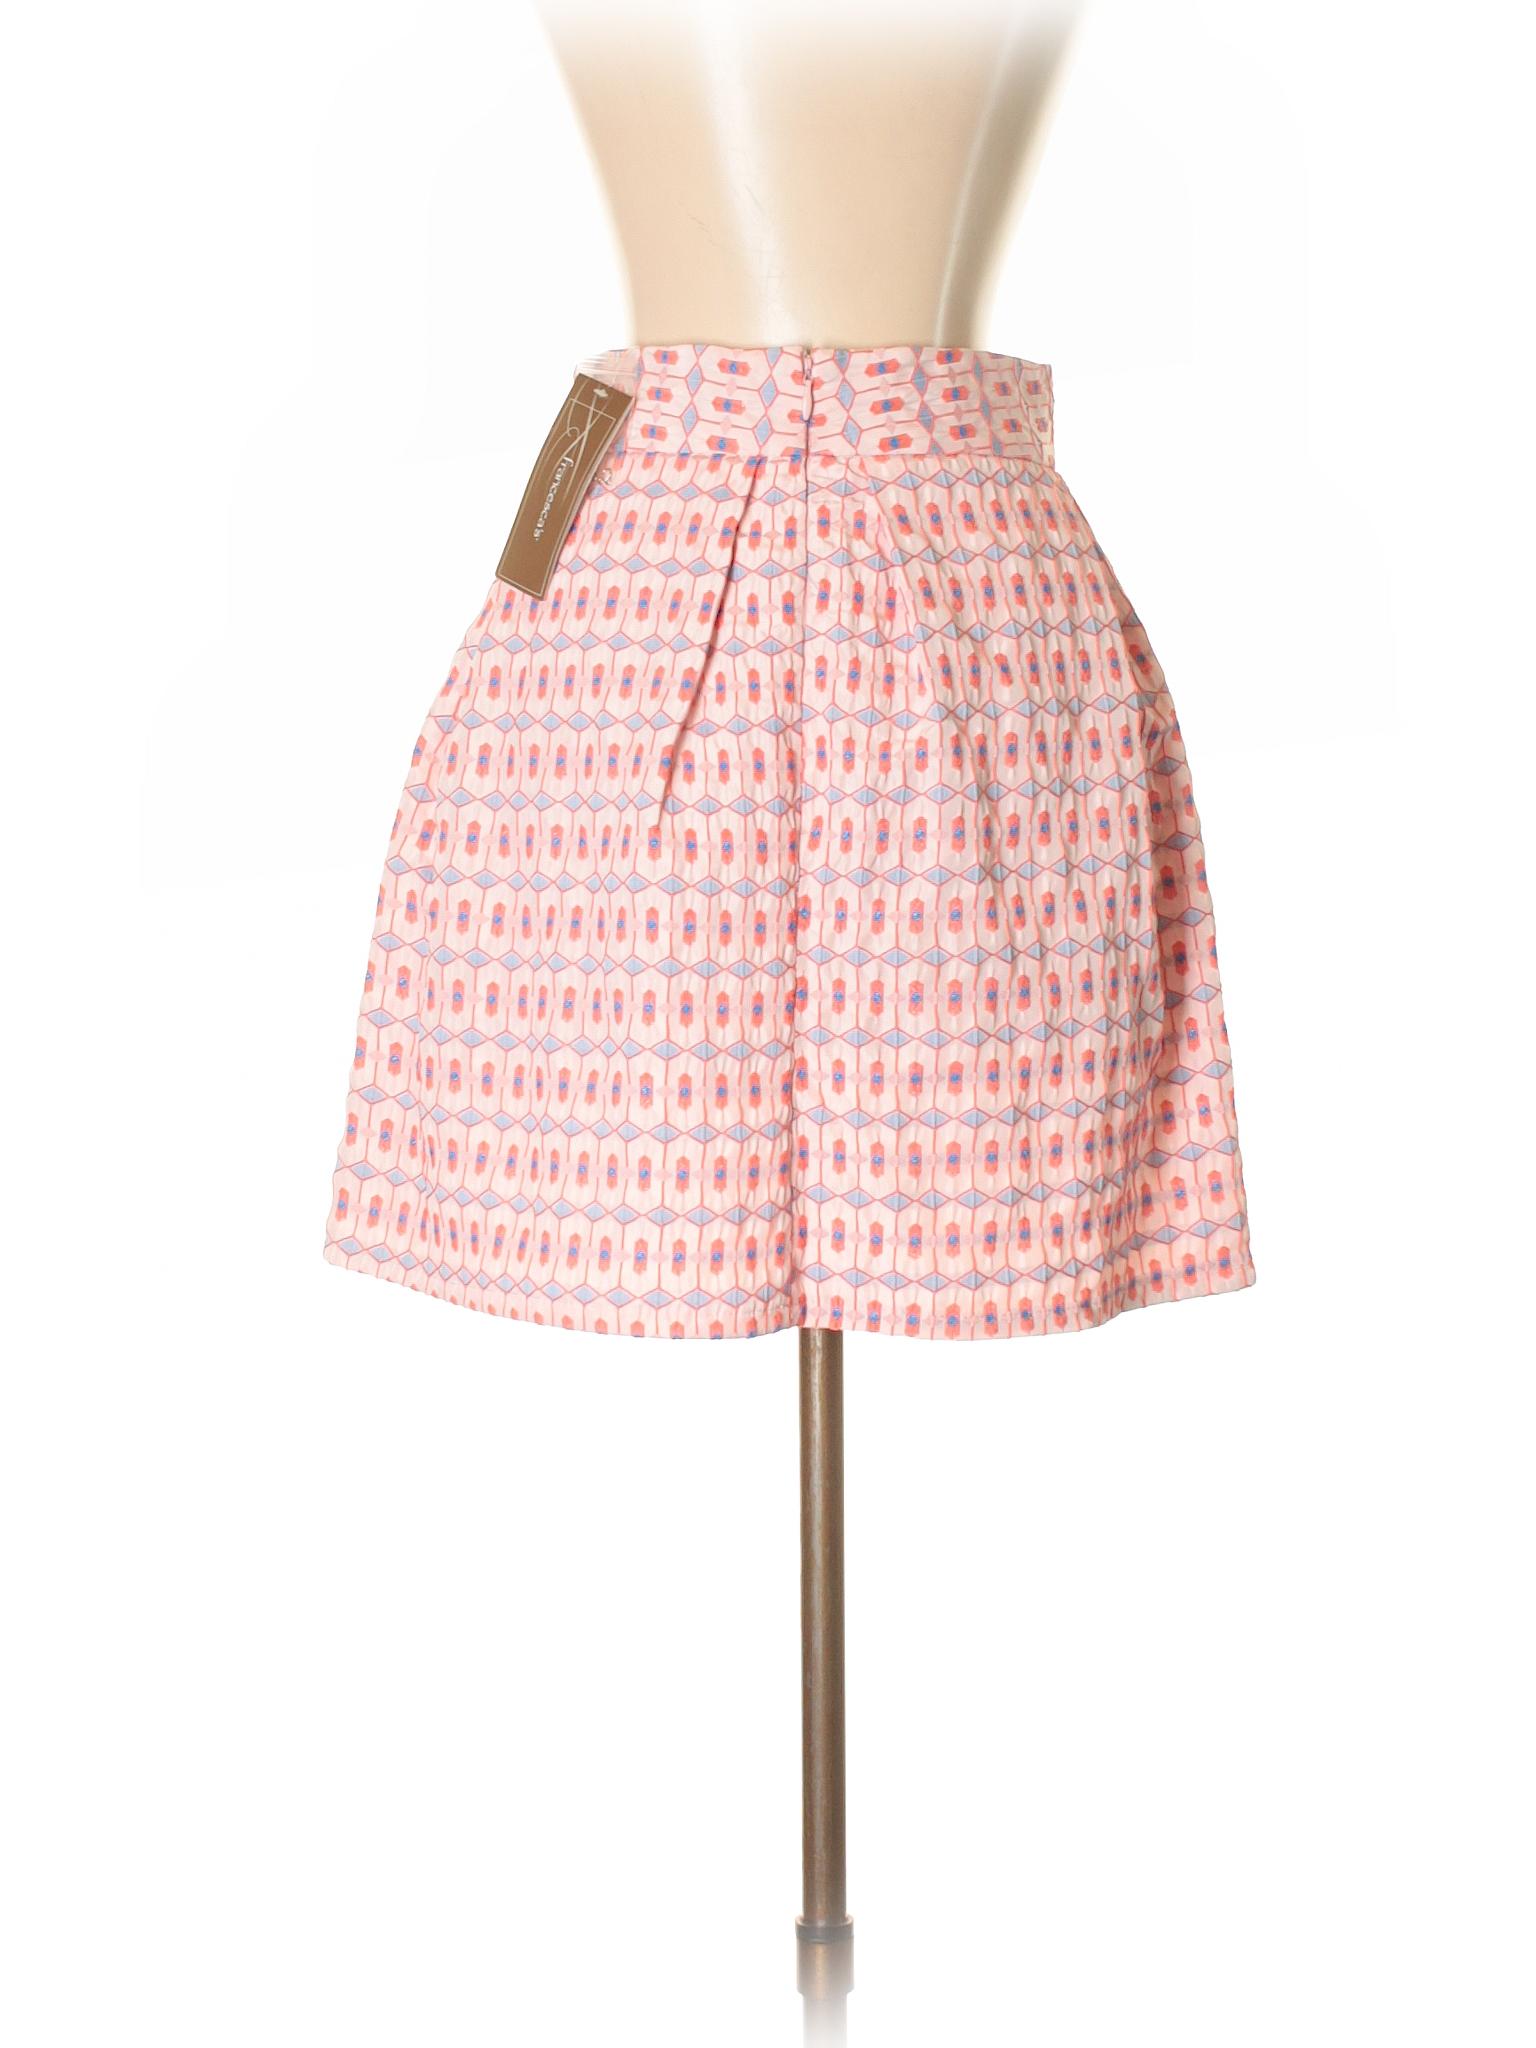 Boutique Skirt Skirt Rain Boutique Blue Boutique Rain Blue Blue Casual Casual xYg4OwqqfB